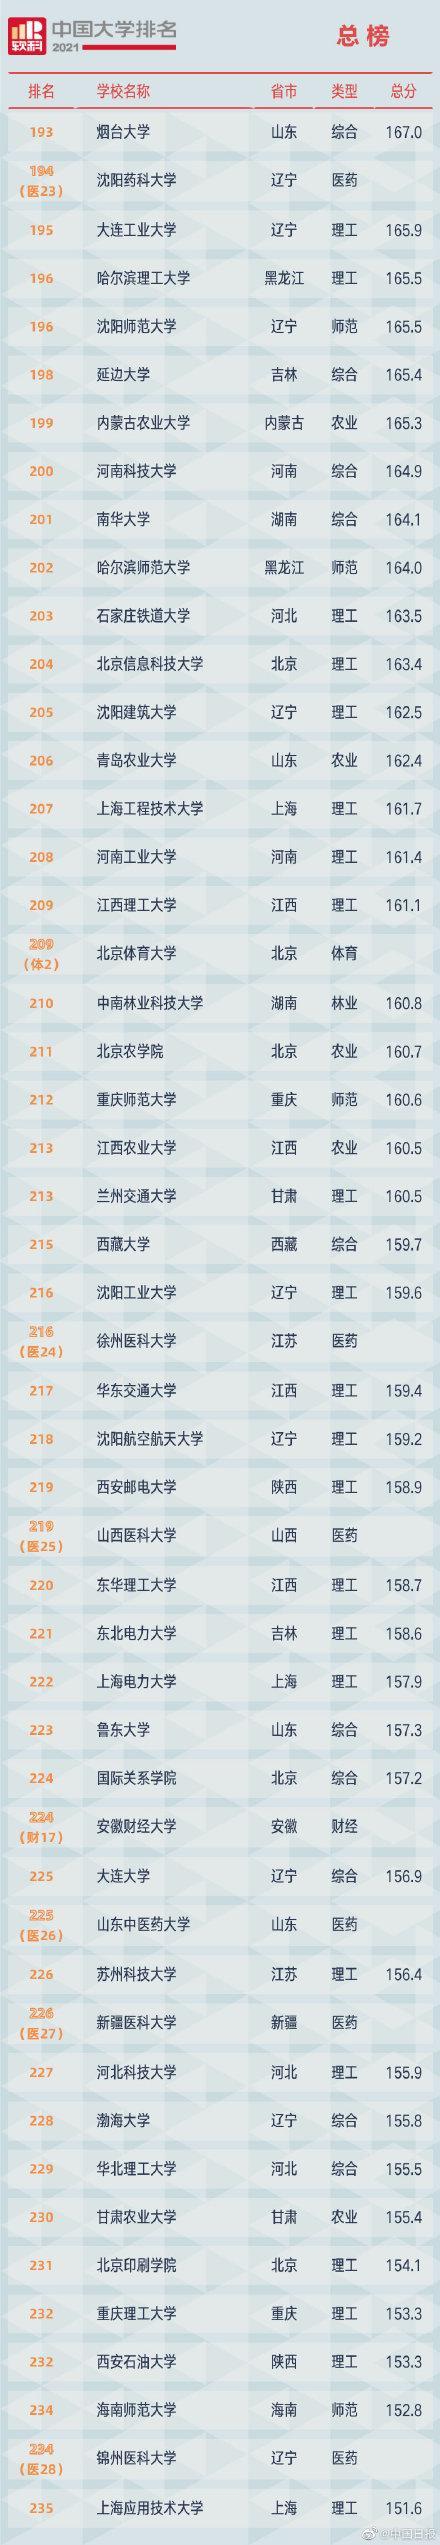 2021软科中国大学排名发布 全球新闻风头榜 第6张